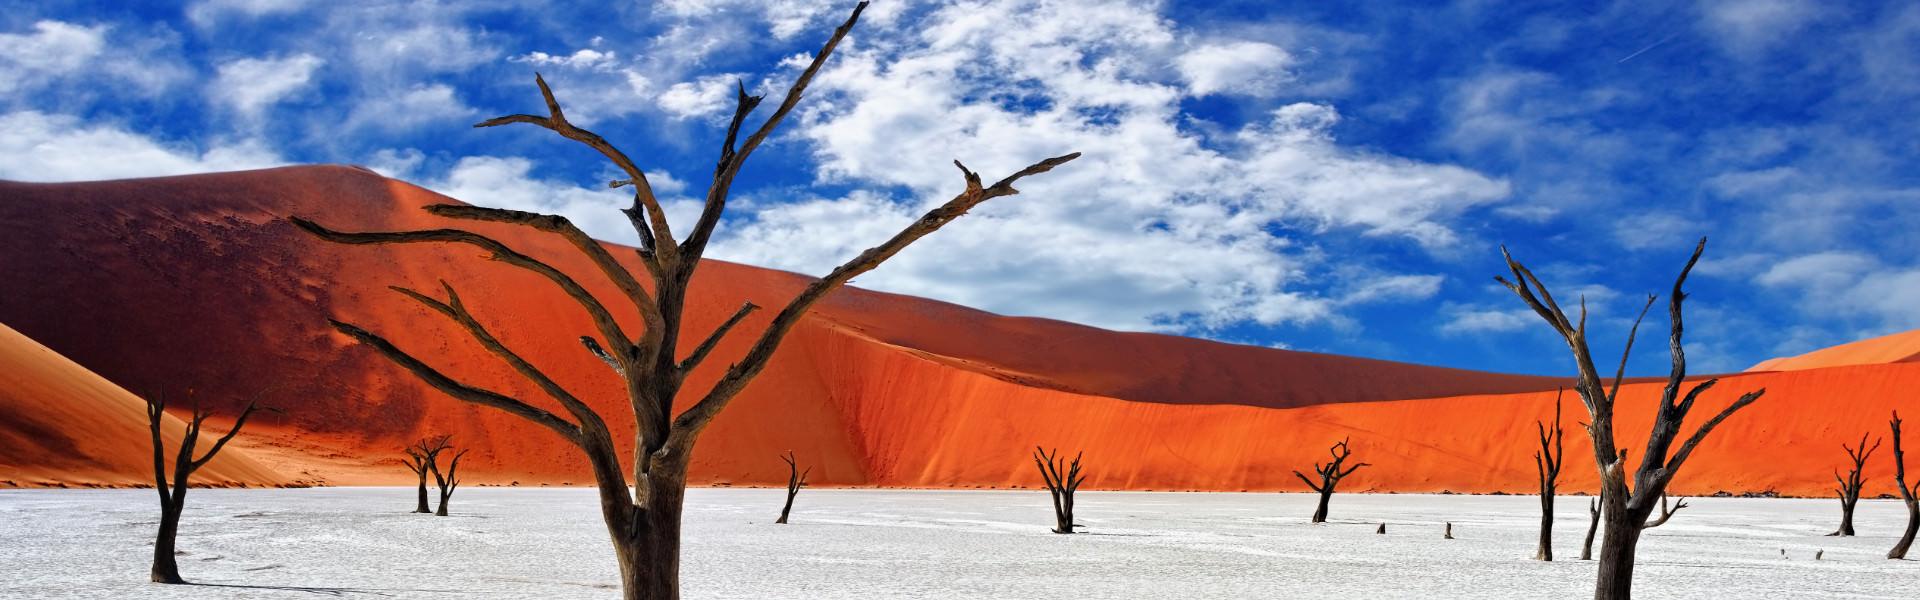 Mietwagenreisen Namibia - Reisen mit mehr als 23 Tage